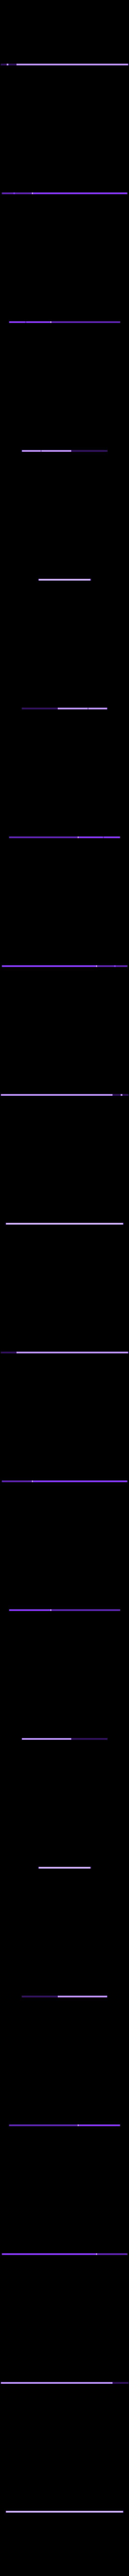 Top.STL Télécharger fichier STL gratuit Capteur de foudre/EMF • Plan pour imprimante 3D, Odrenria